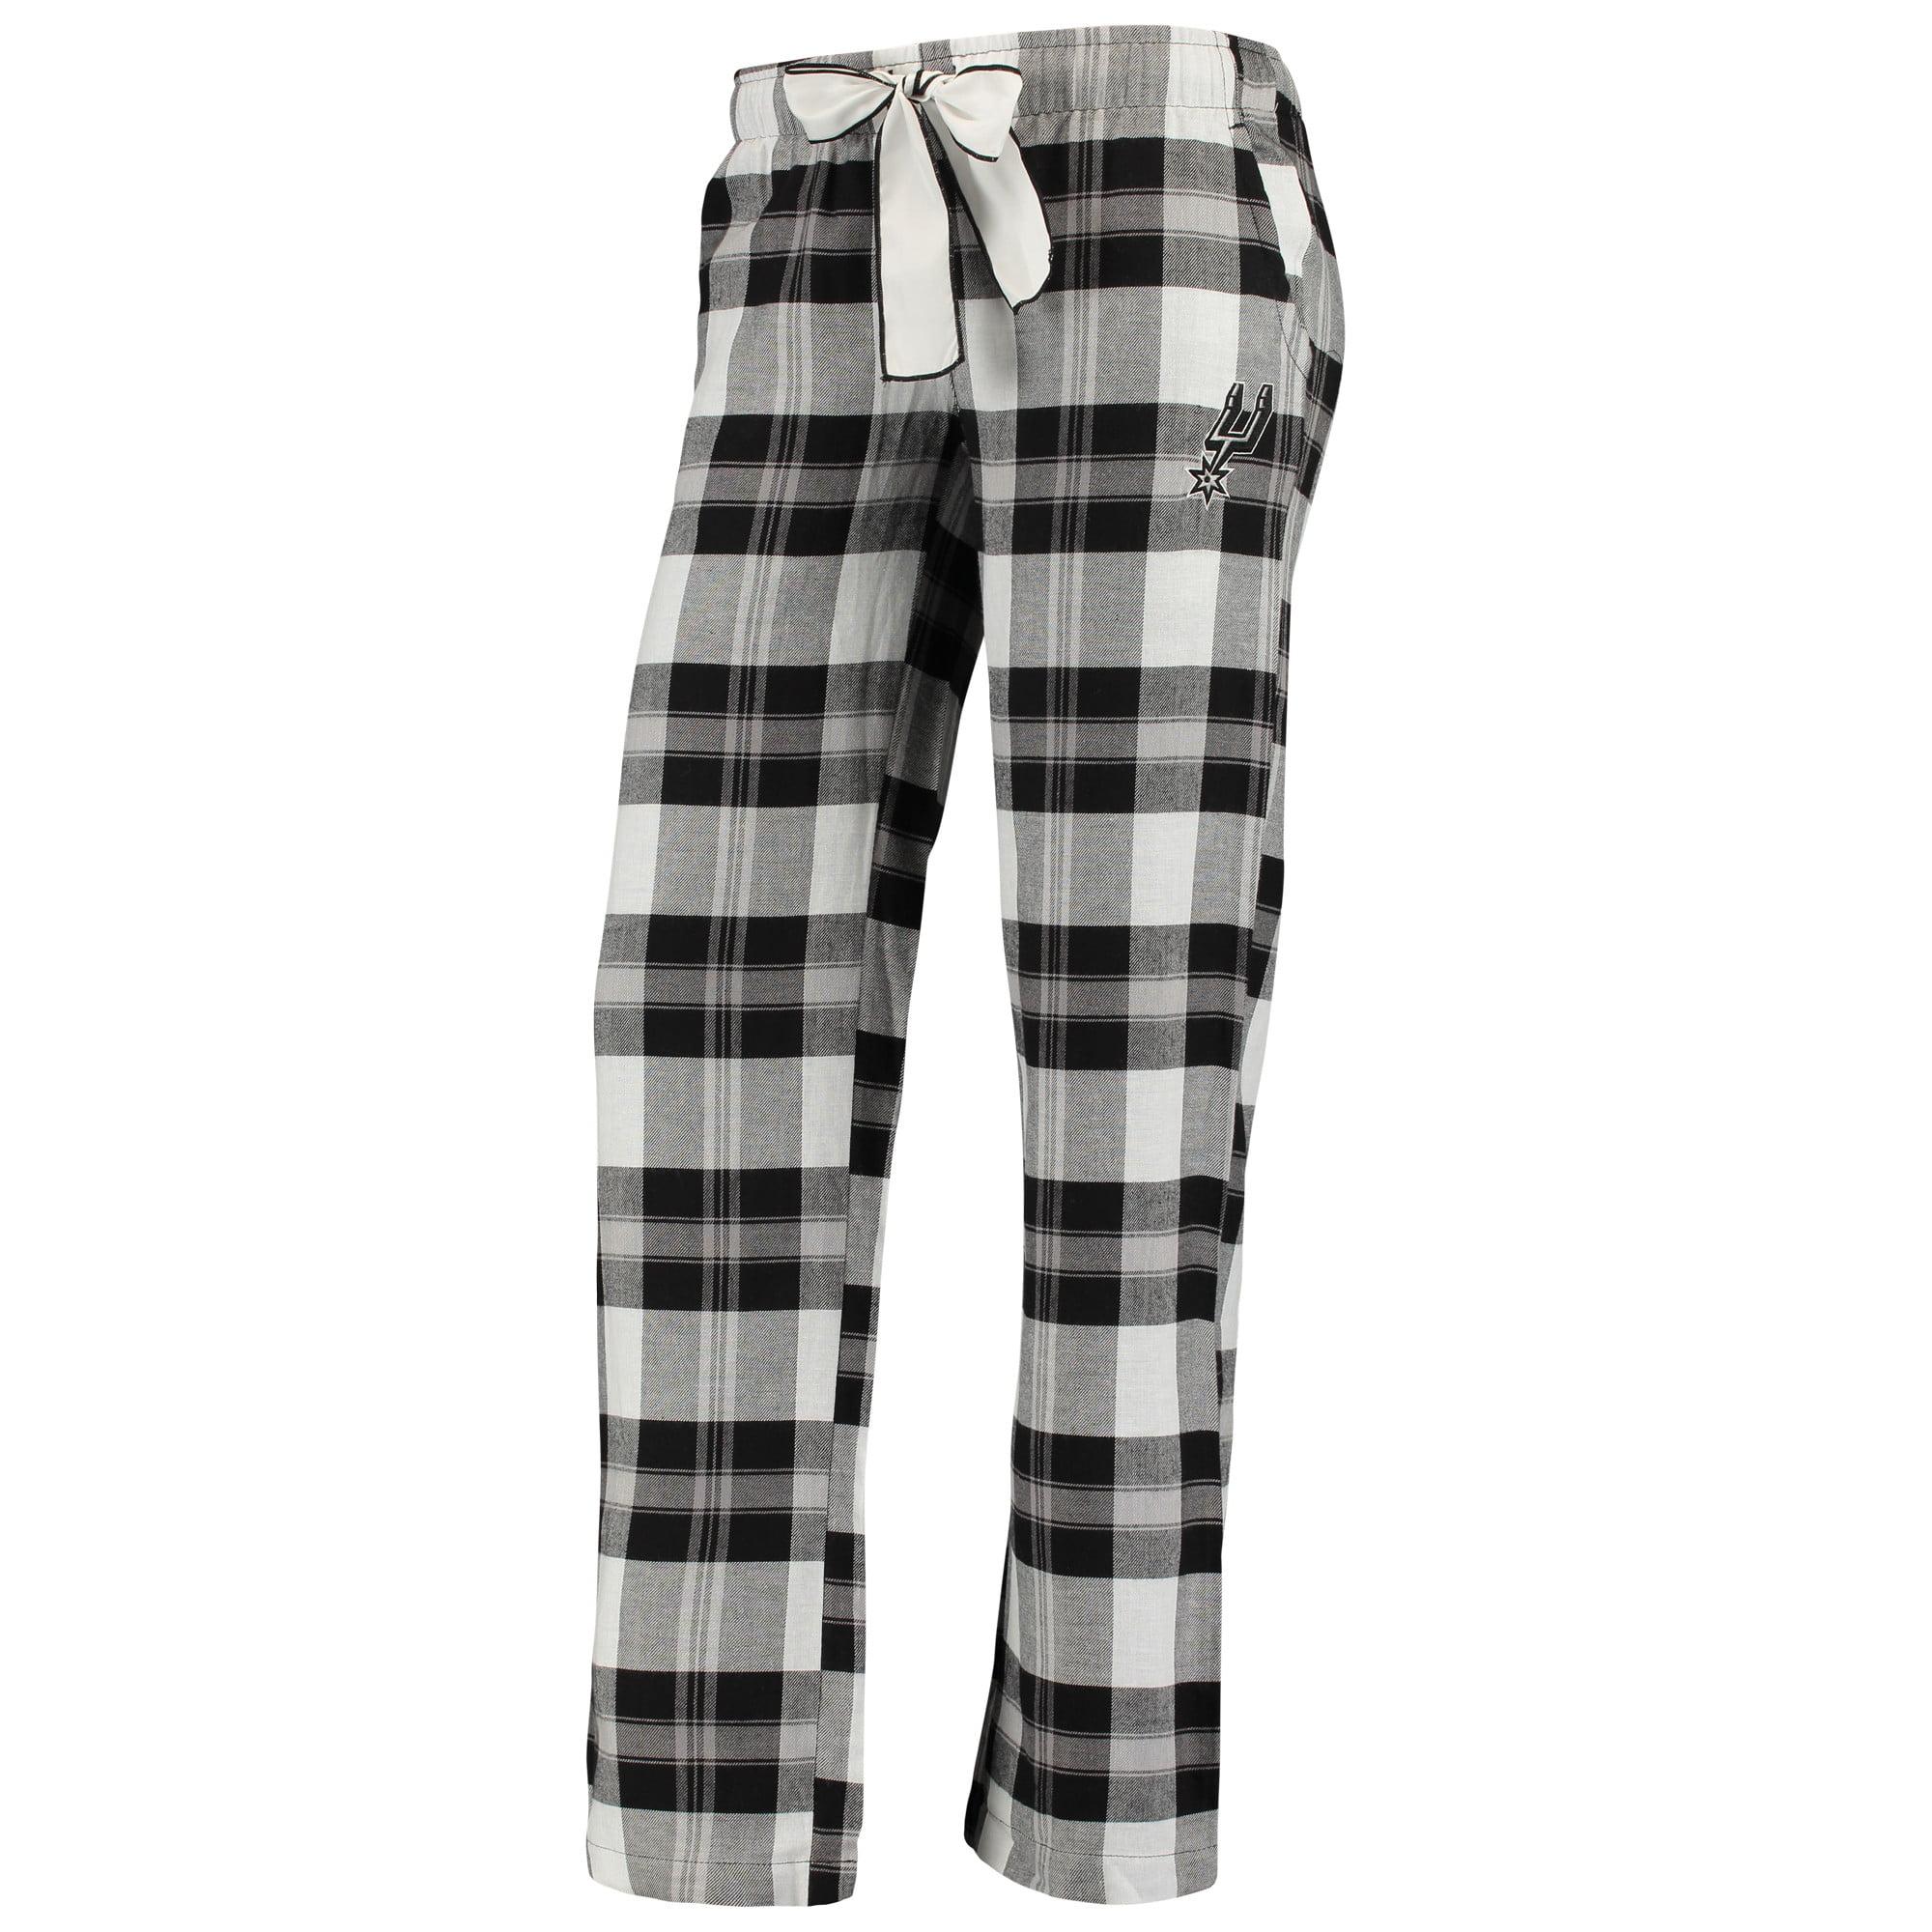 San Antonio Spurs Women's Flannel Pajamas Plaid PJ Bottoms